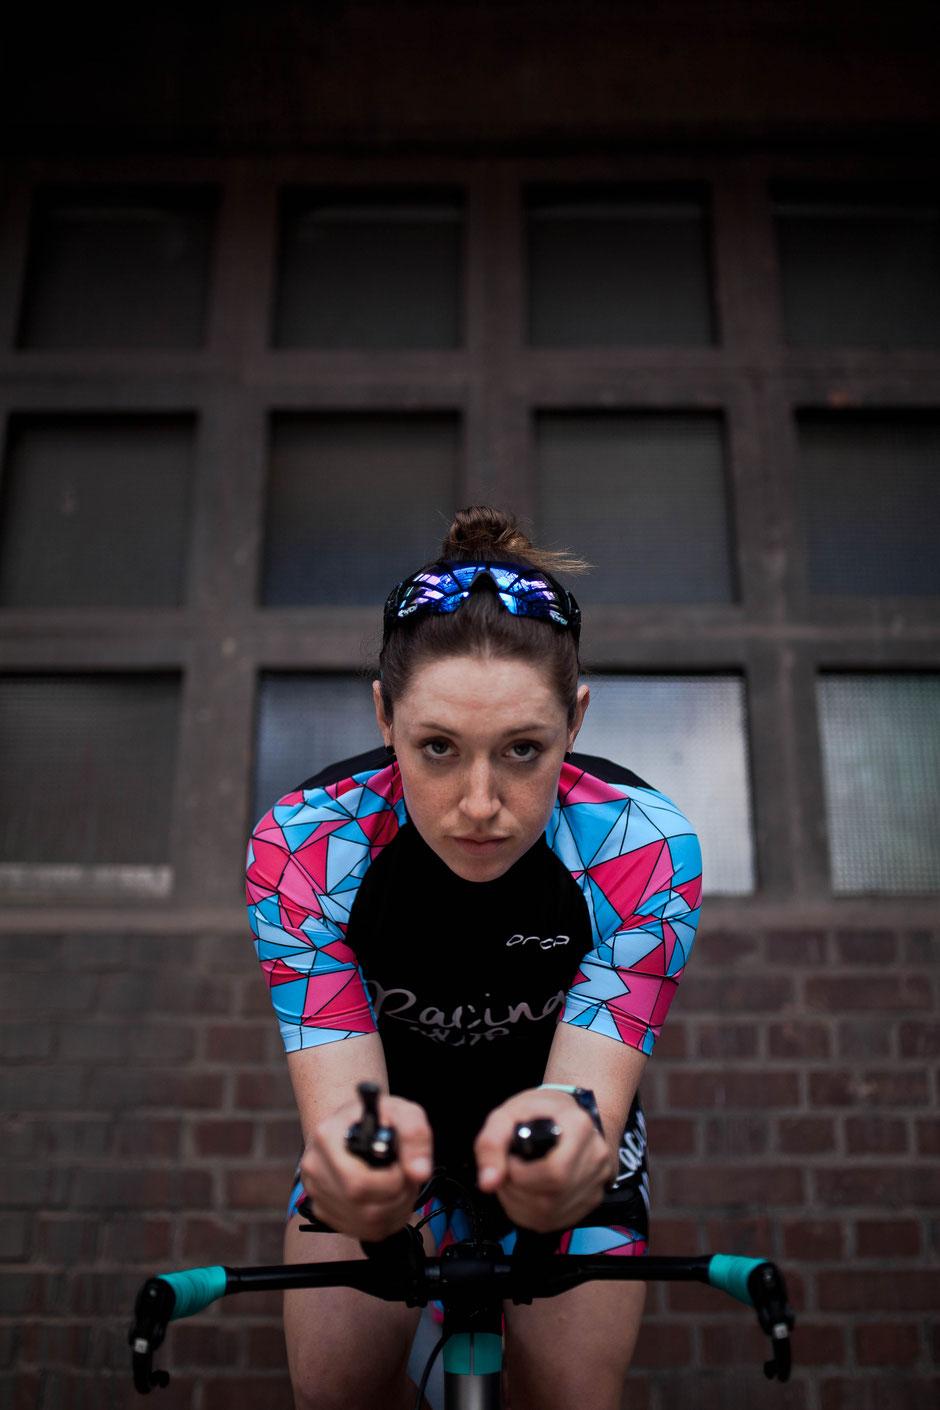 Foto: Liz Ke Fotografie, http://www.lizke.de/